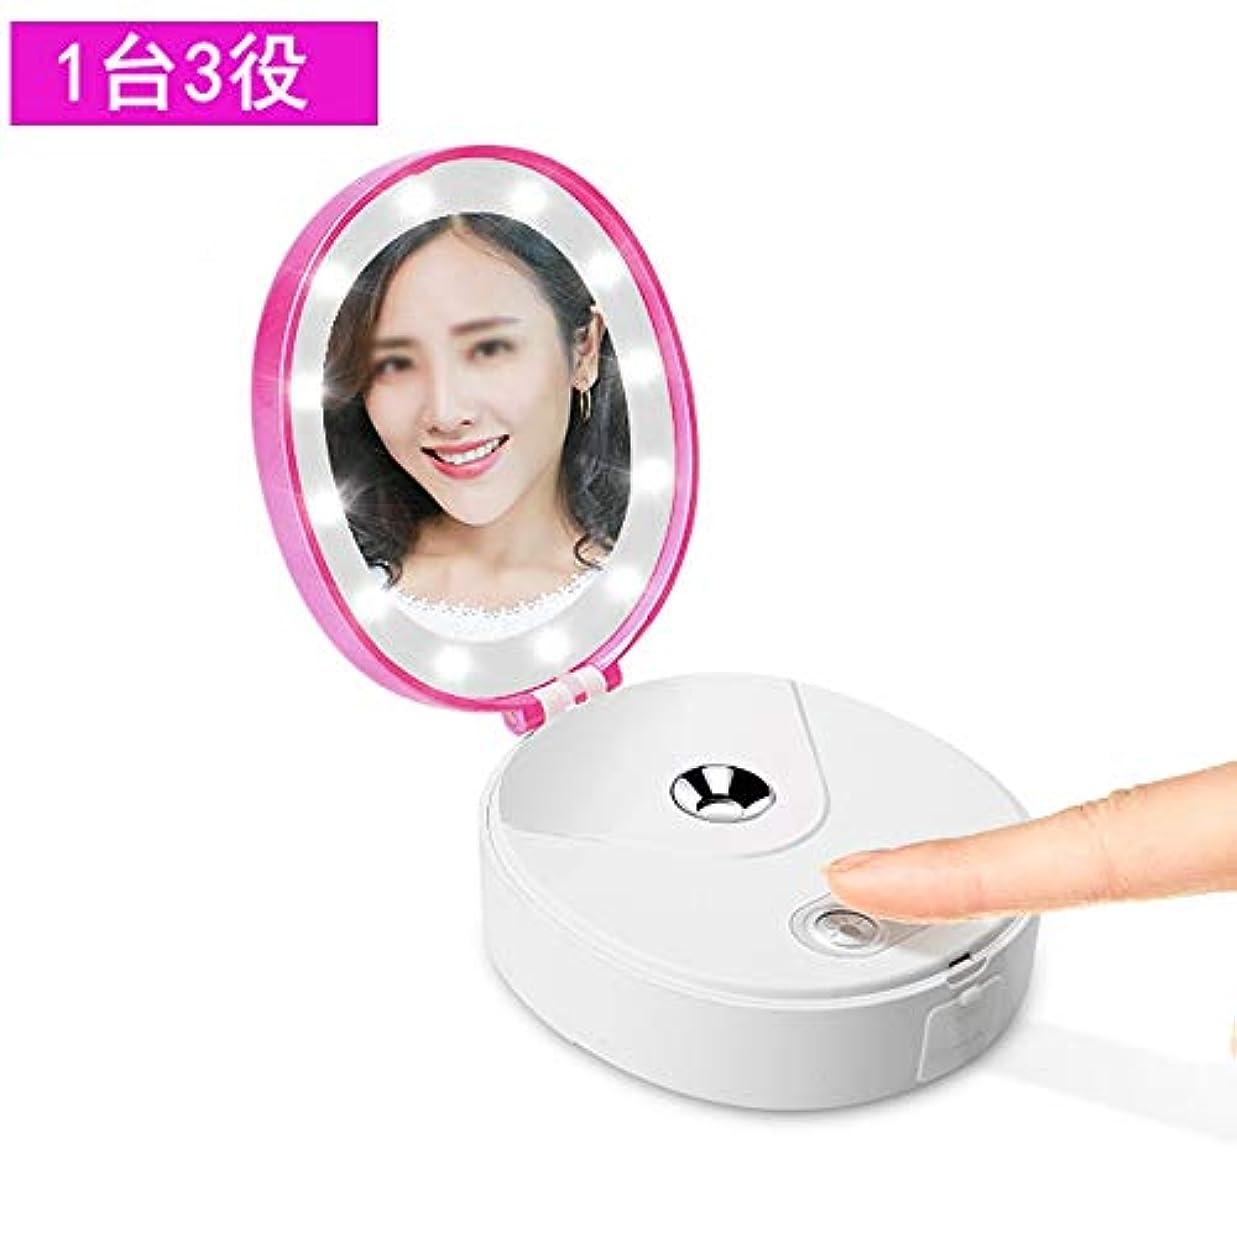 安西味影響力のあるSmiler+ LED 化粧鏡 化粧ミラー 鏡 女優ミラー led付き 補水ナノスプレー加湿器 肌への補水 明るさ調節可能 180°回転 usb充電式 携帯に充電に可能